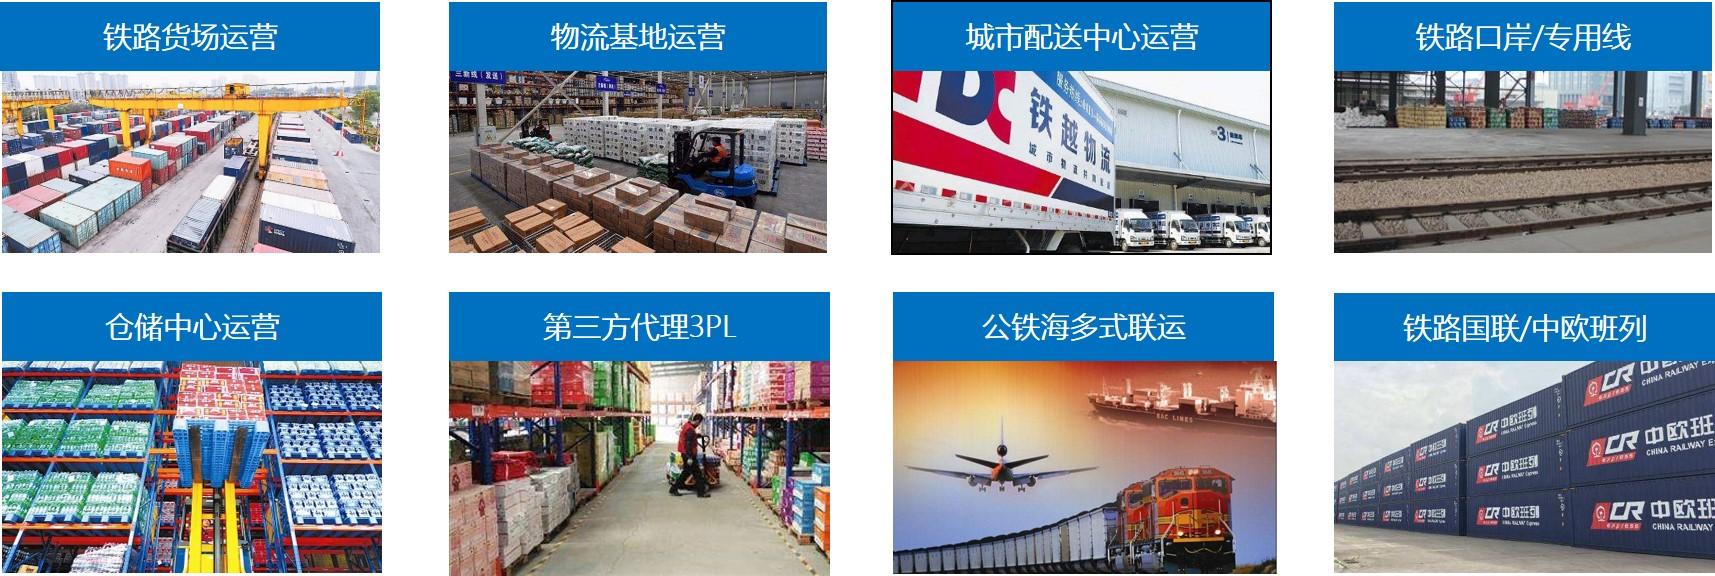 《铁路货运运输物流信息化系统级/企业级整体解决方案》